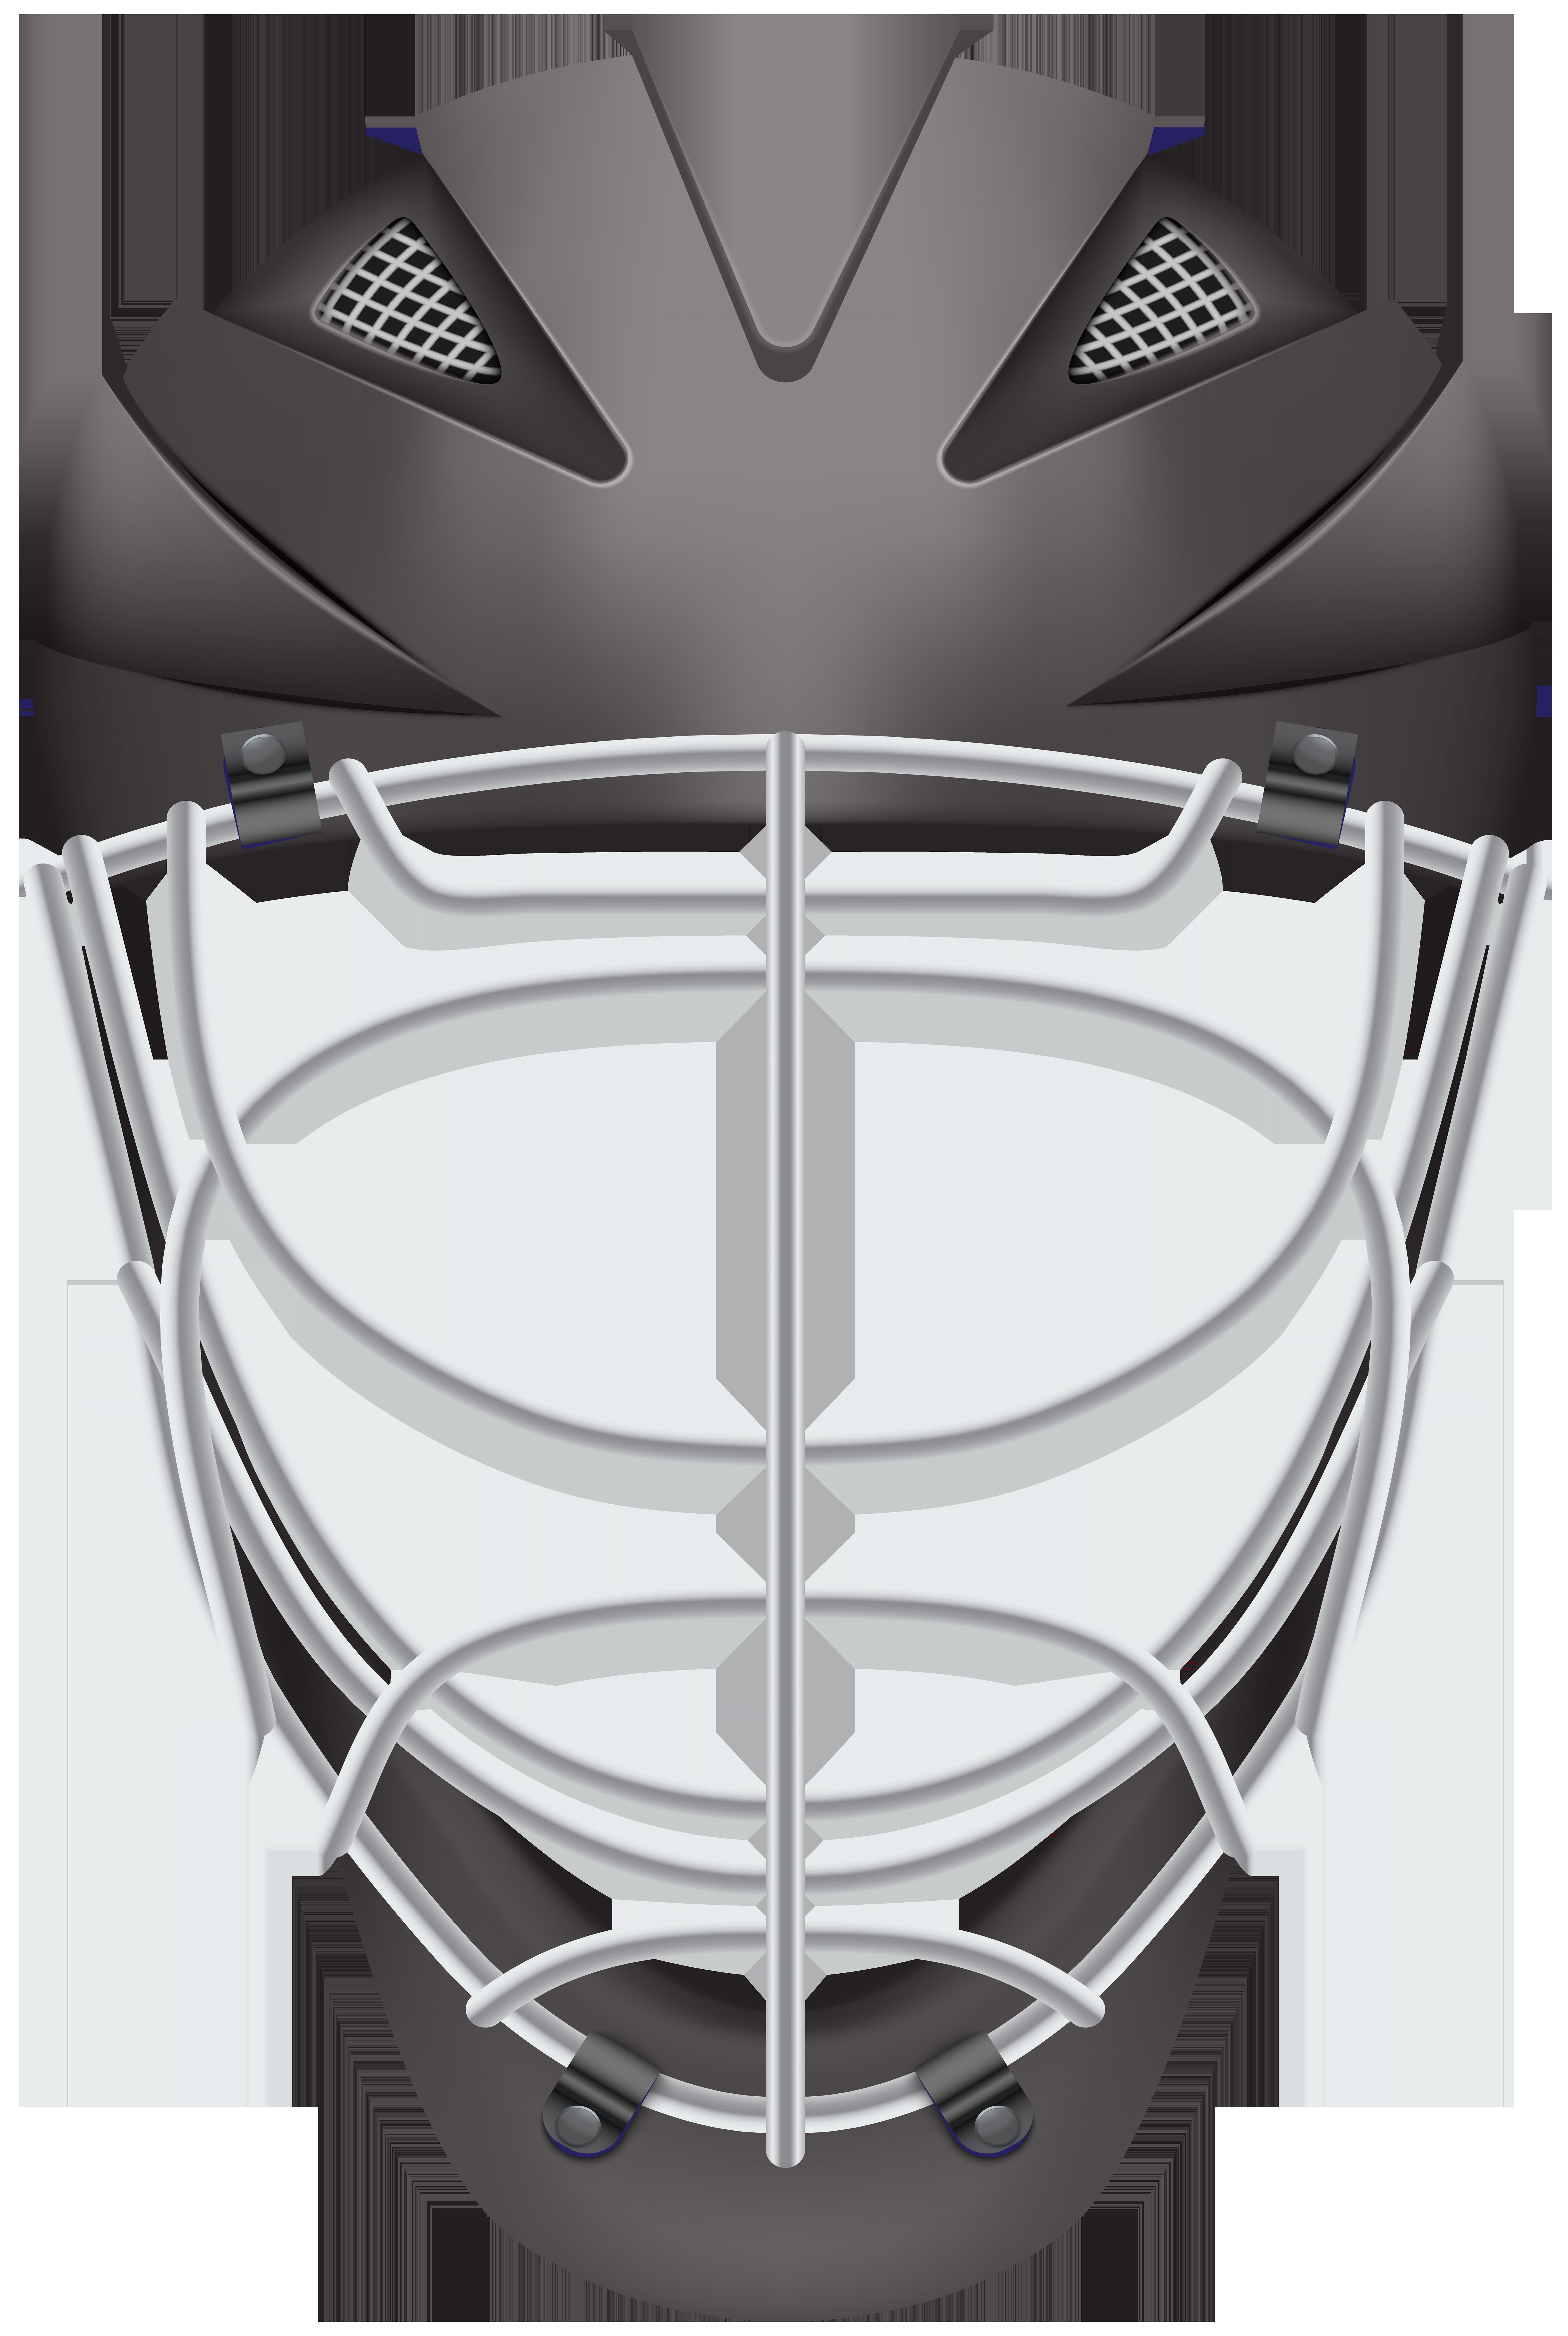 Gear clipart motorcycle gear. Football helmet lacrosse hockey